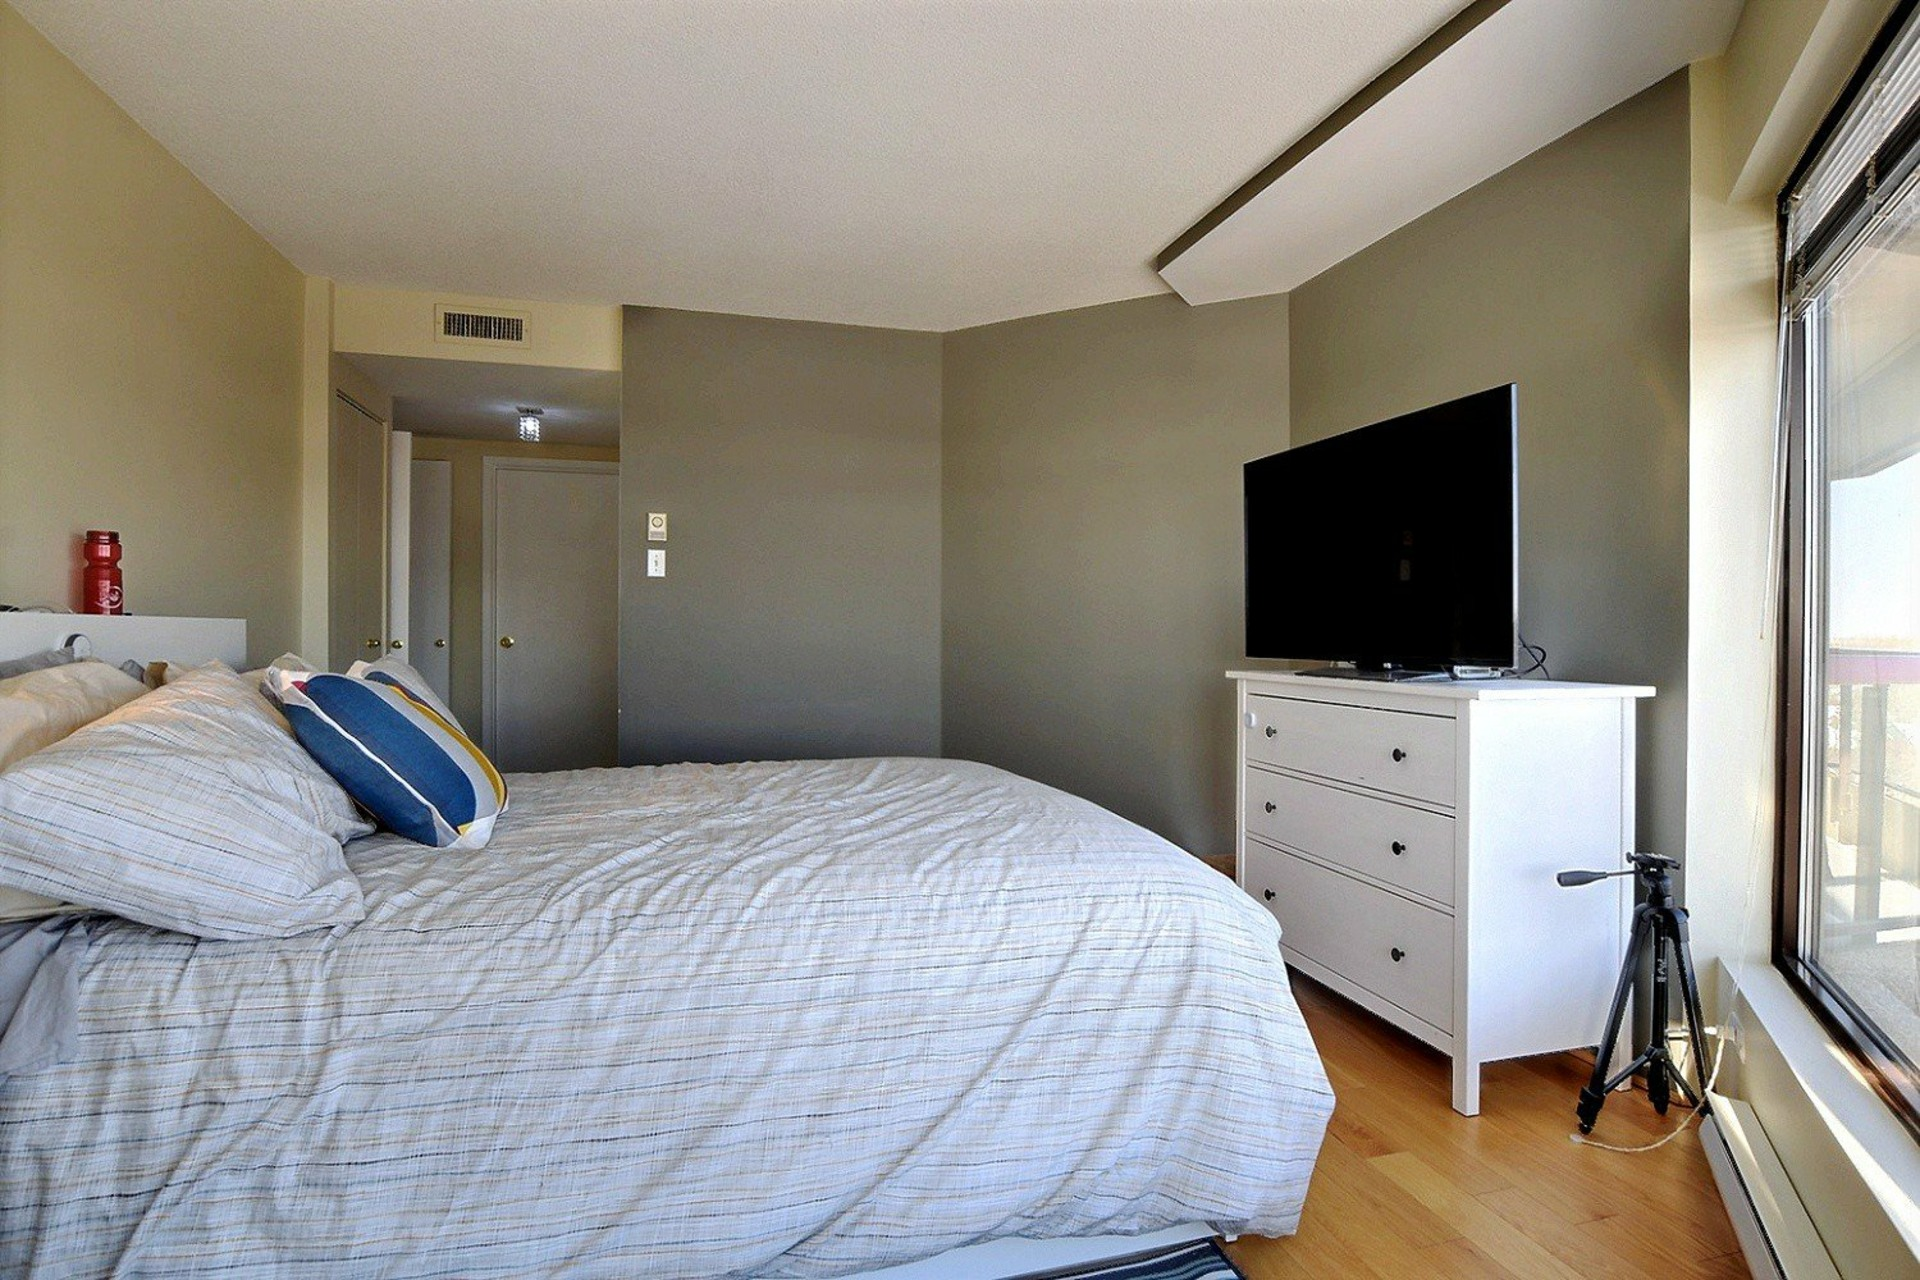 image 14 - Appartement À vendre Montréal Verdun/Île-des-Soeurs  - 5 pièces